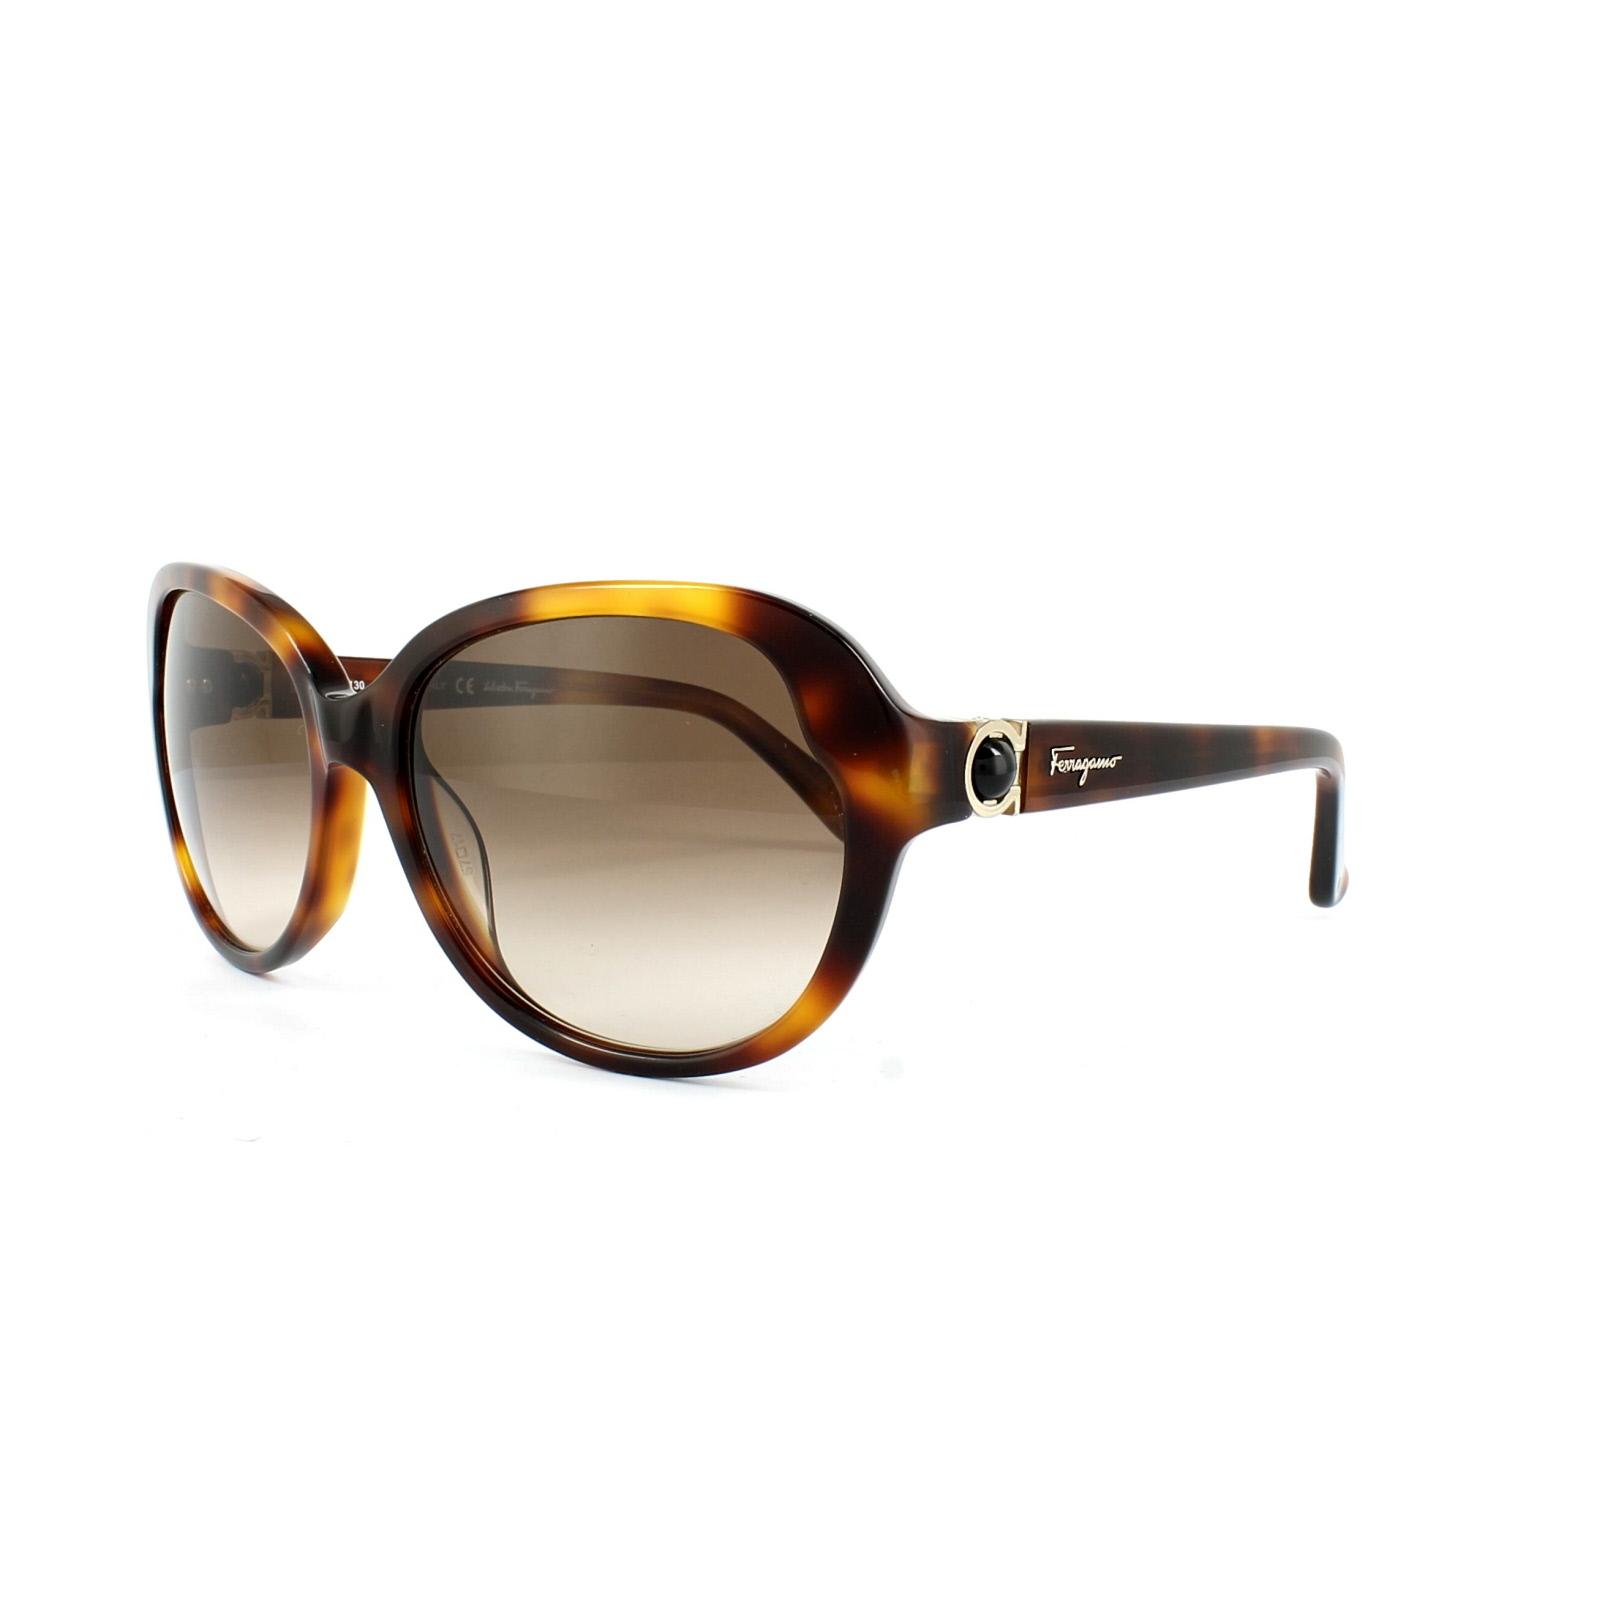 Ferragamo Sonnenbrille braun Damen E54gnFLl3e